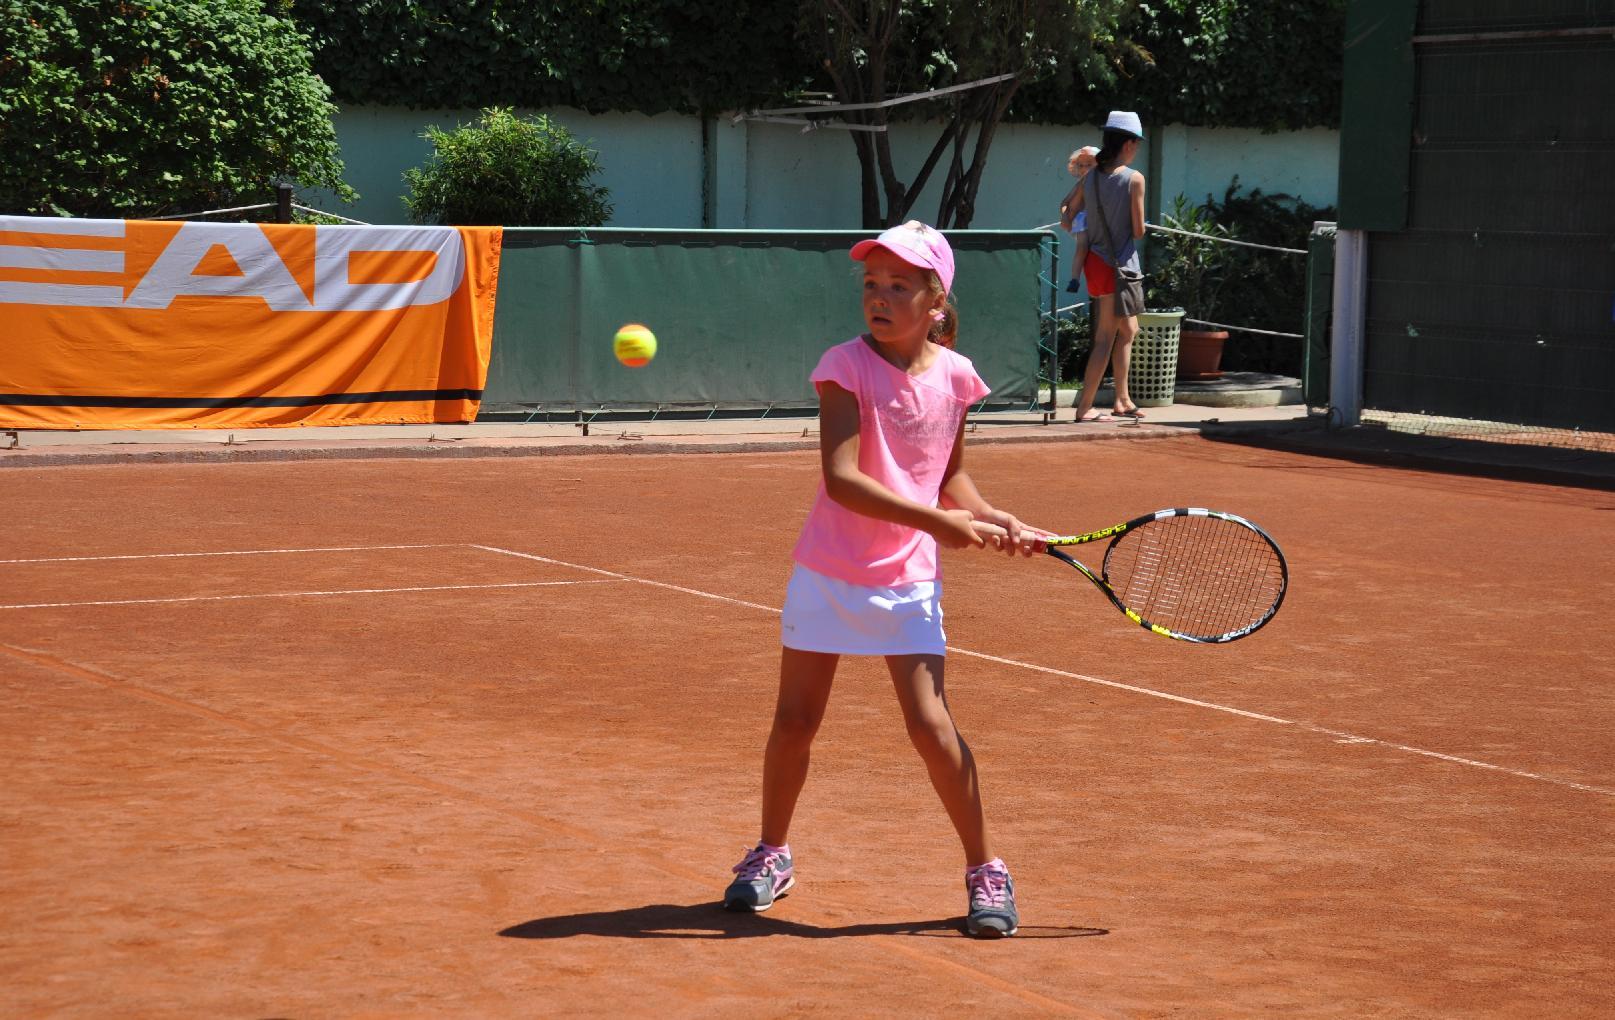 Tenis și multă distracție la Cupa Bucovina susținută de Itsy Bitsy